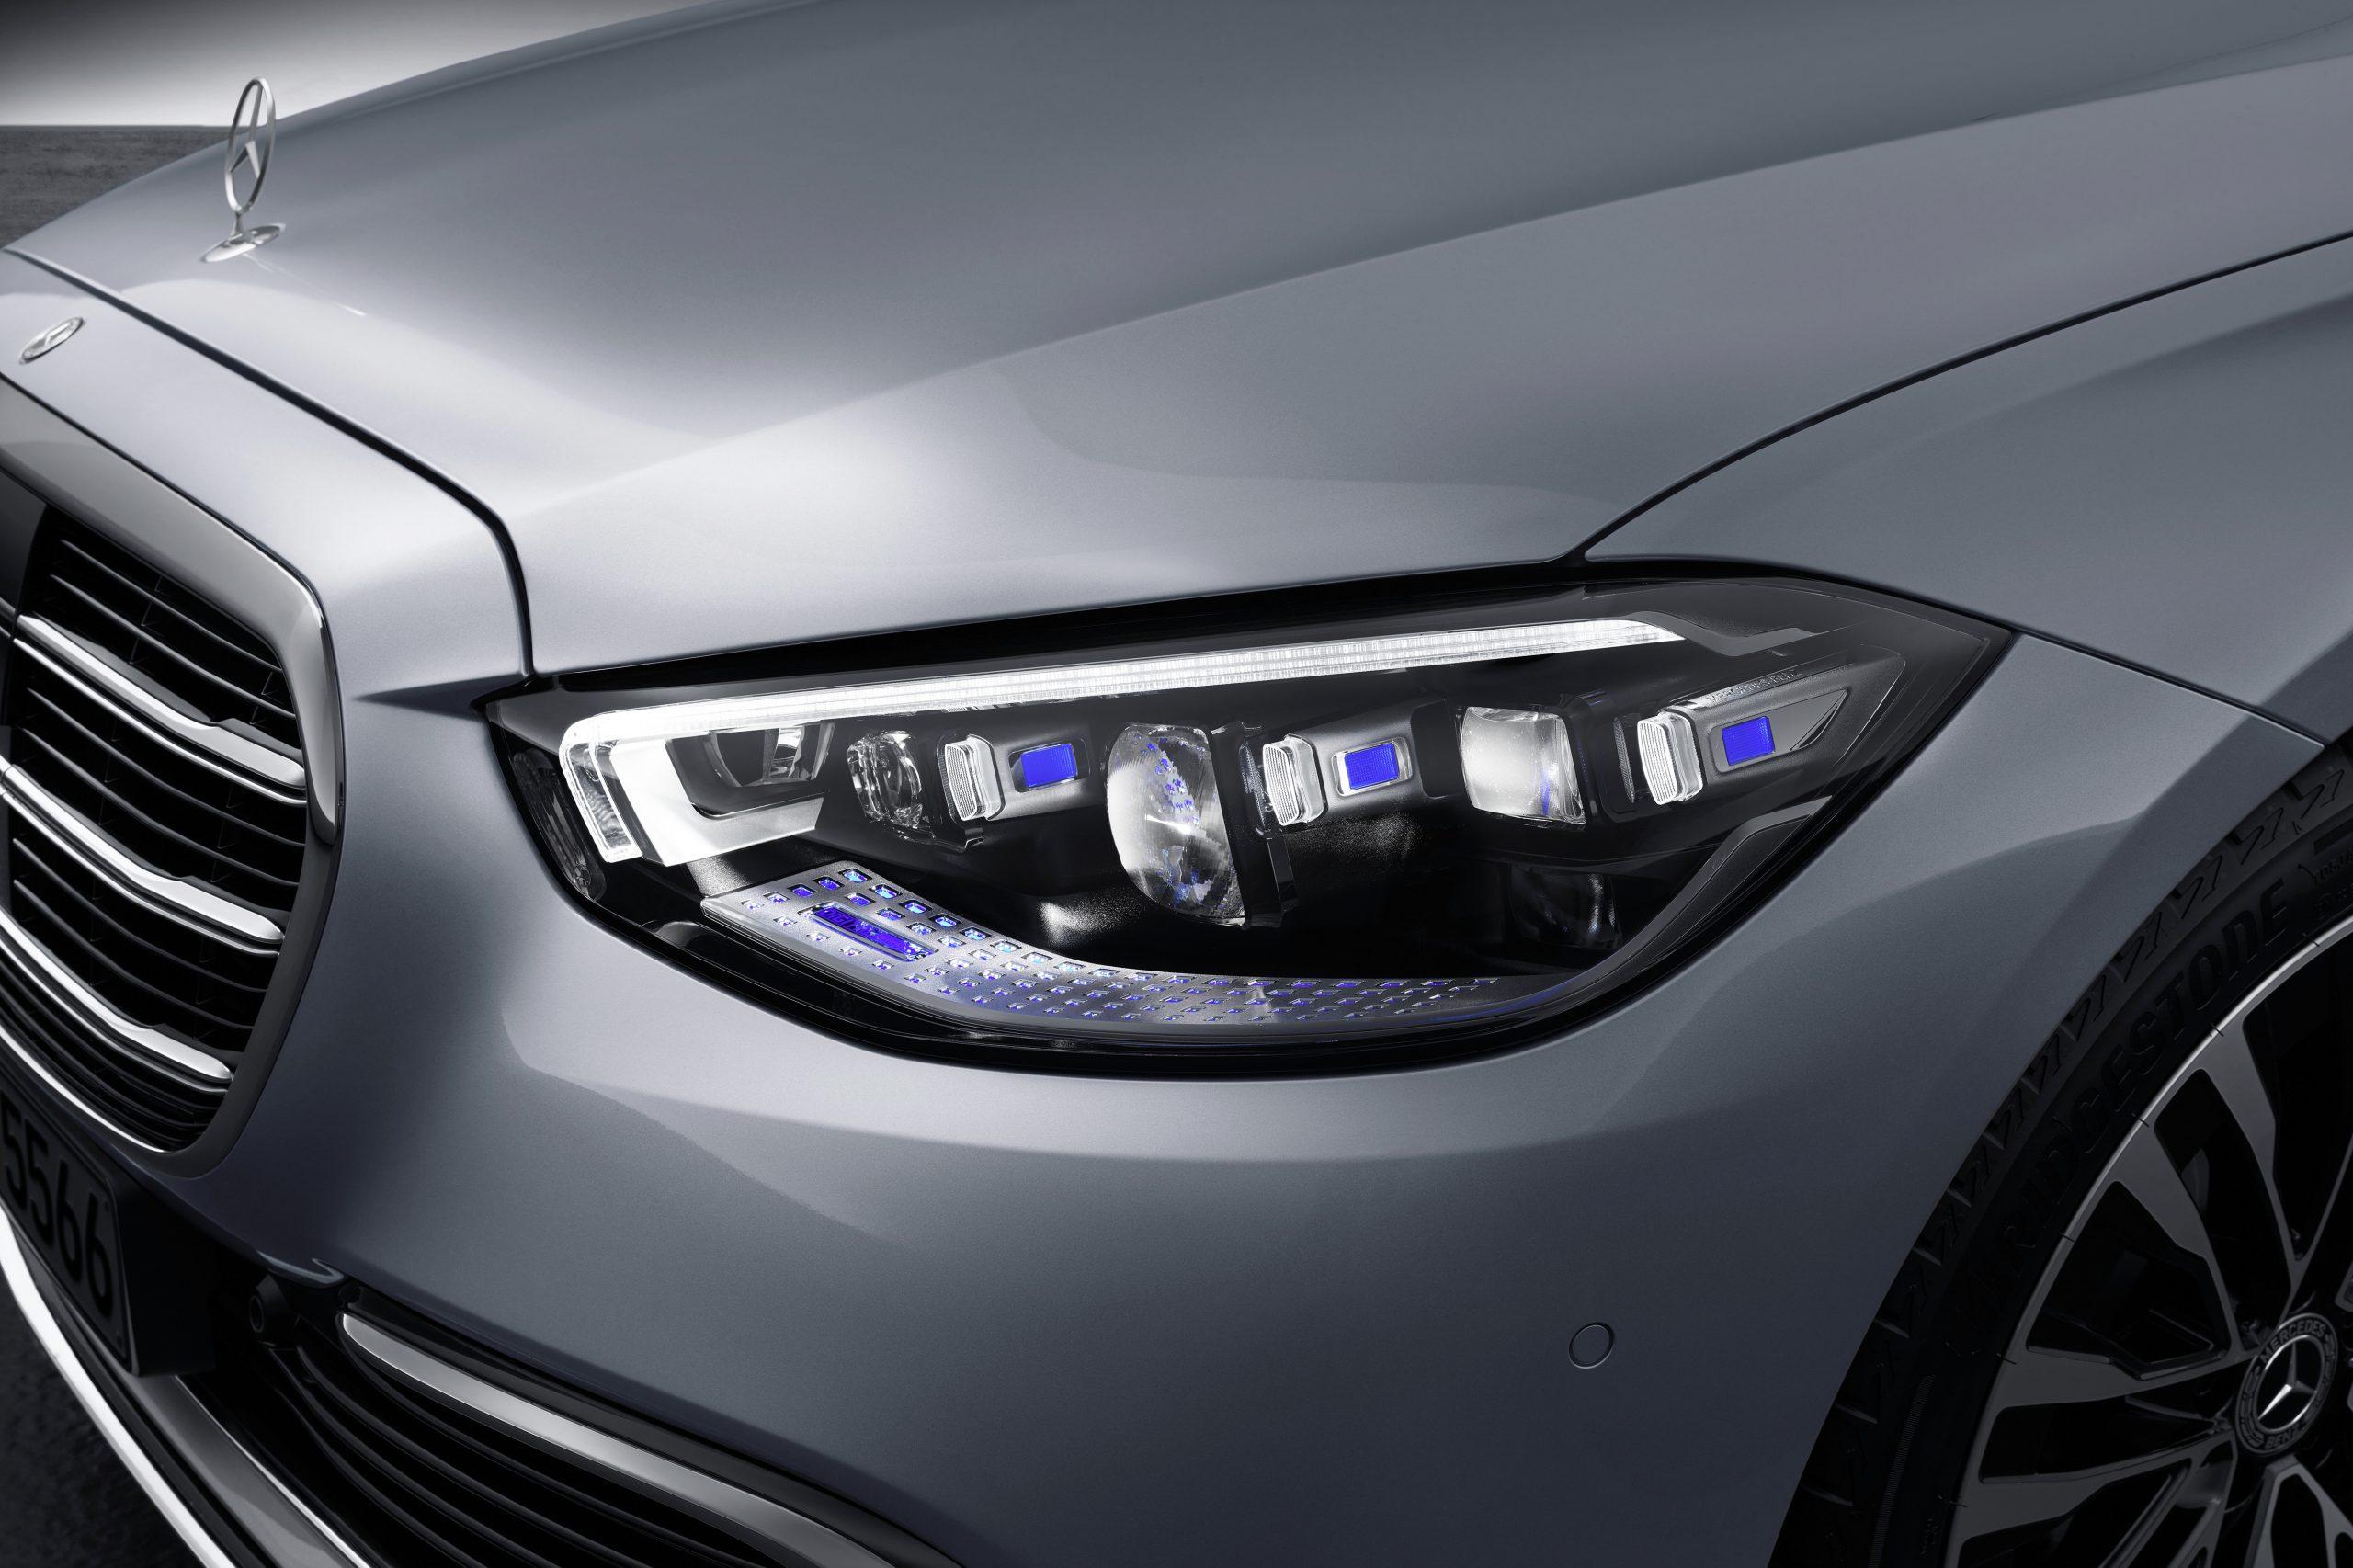 Mercedes-Benz S Class headlights